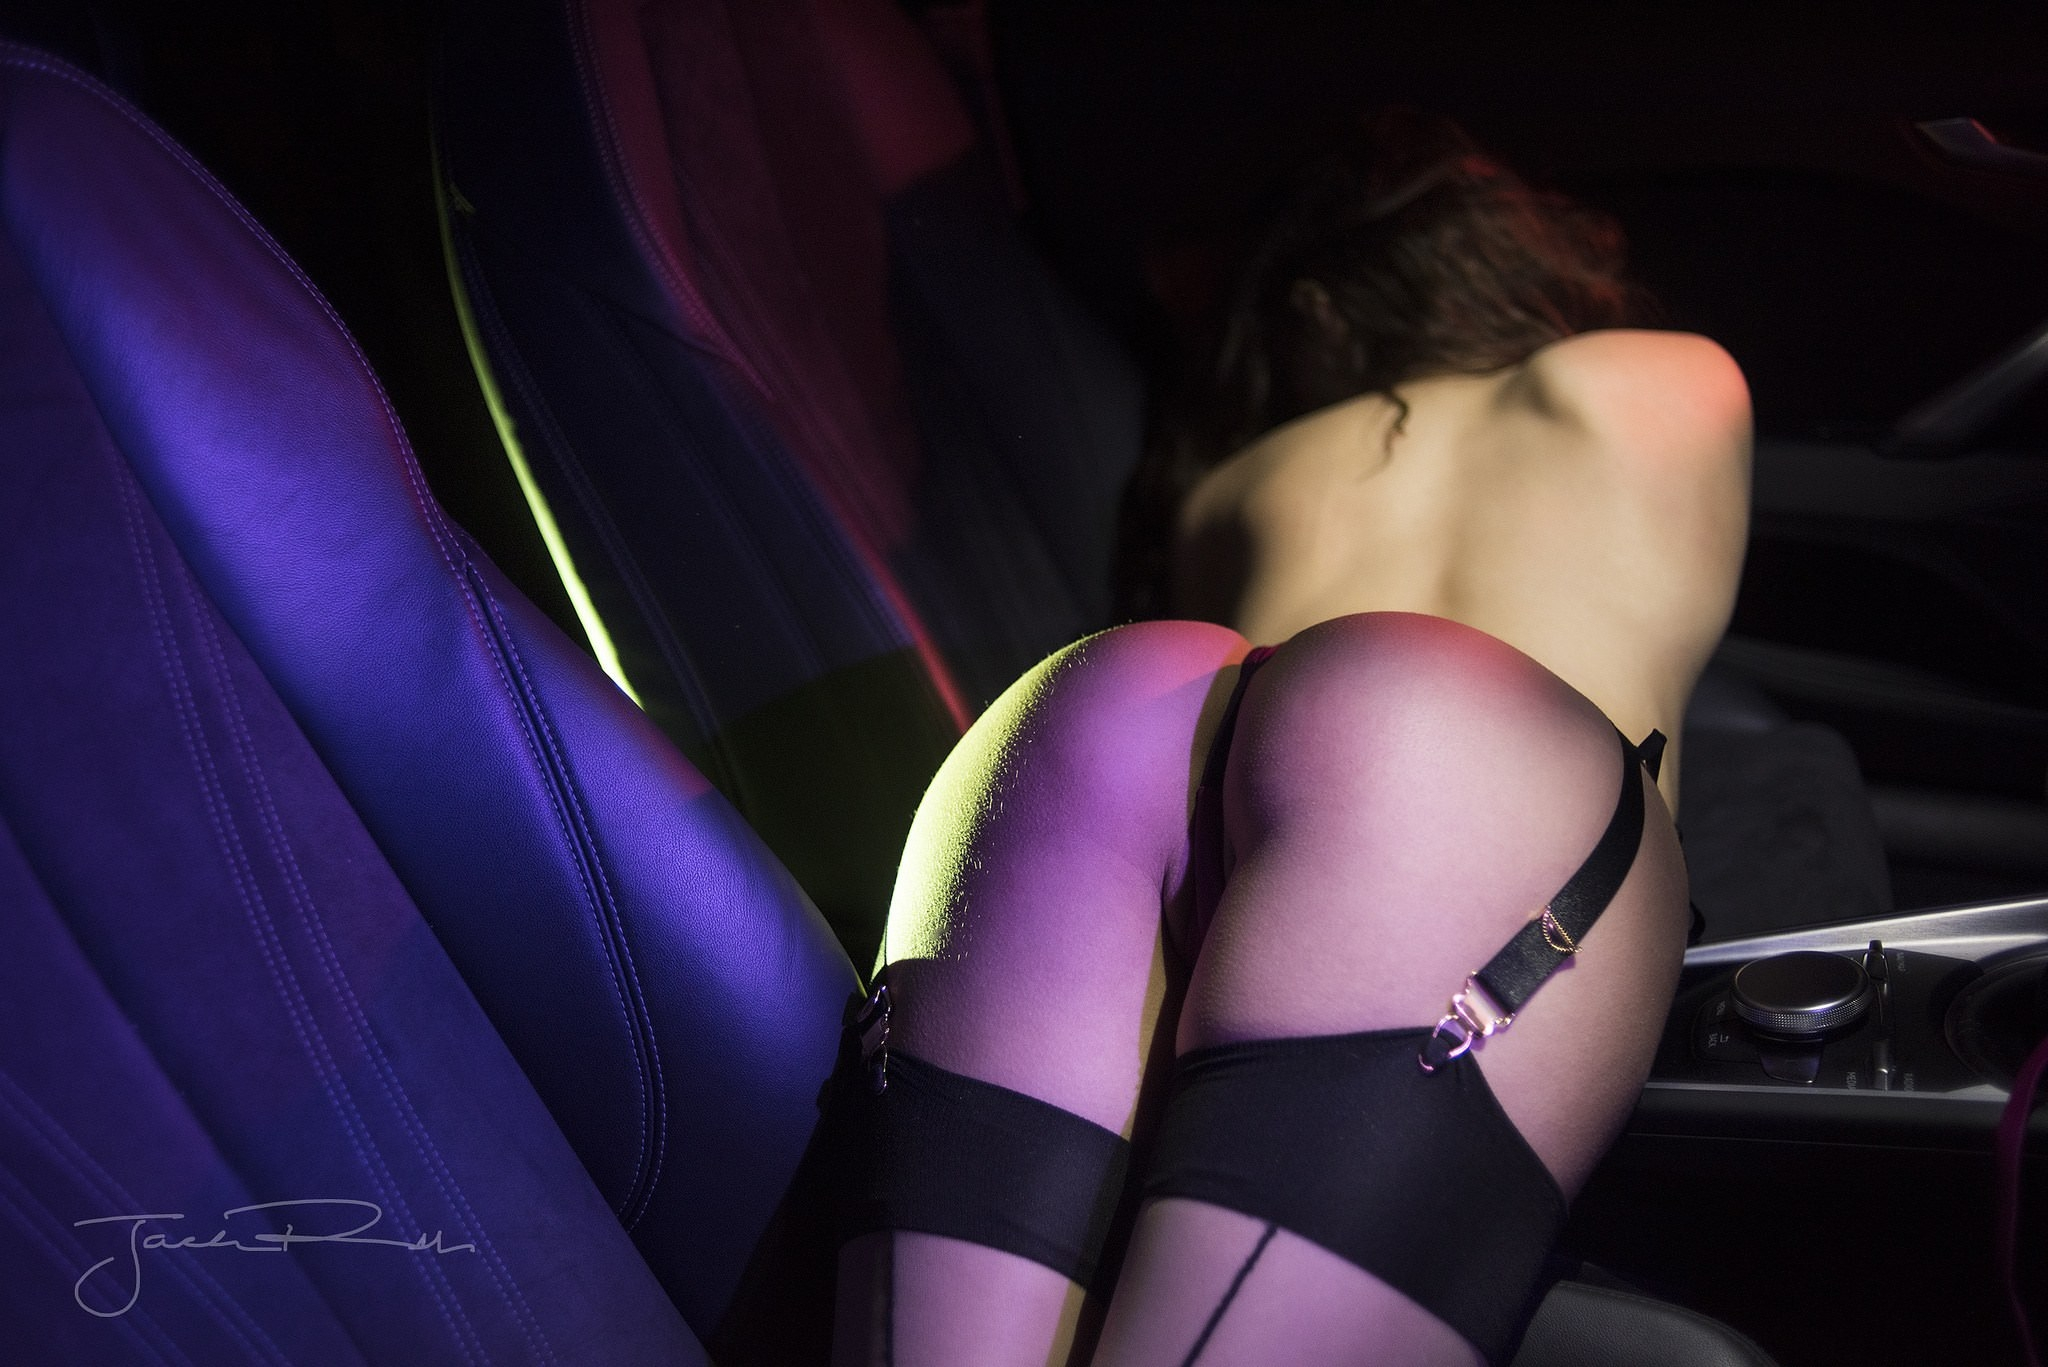 Фото Полуобнаженная девушка в ночном клубе, сексуальная упругая попка в черных стрингах, чулки на подвязках, сочные ляжки, бедра, скачать картинку бесплатно